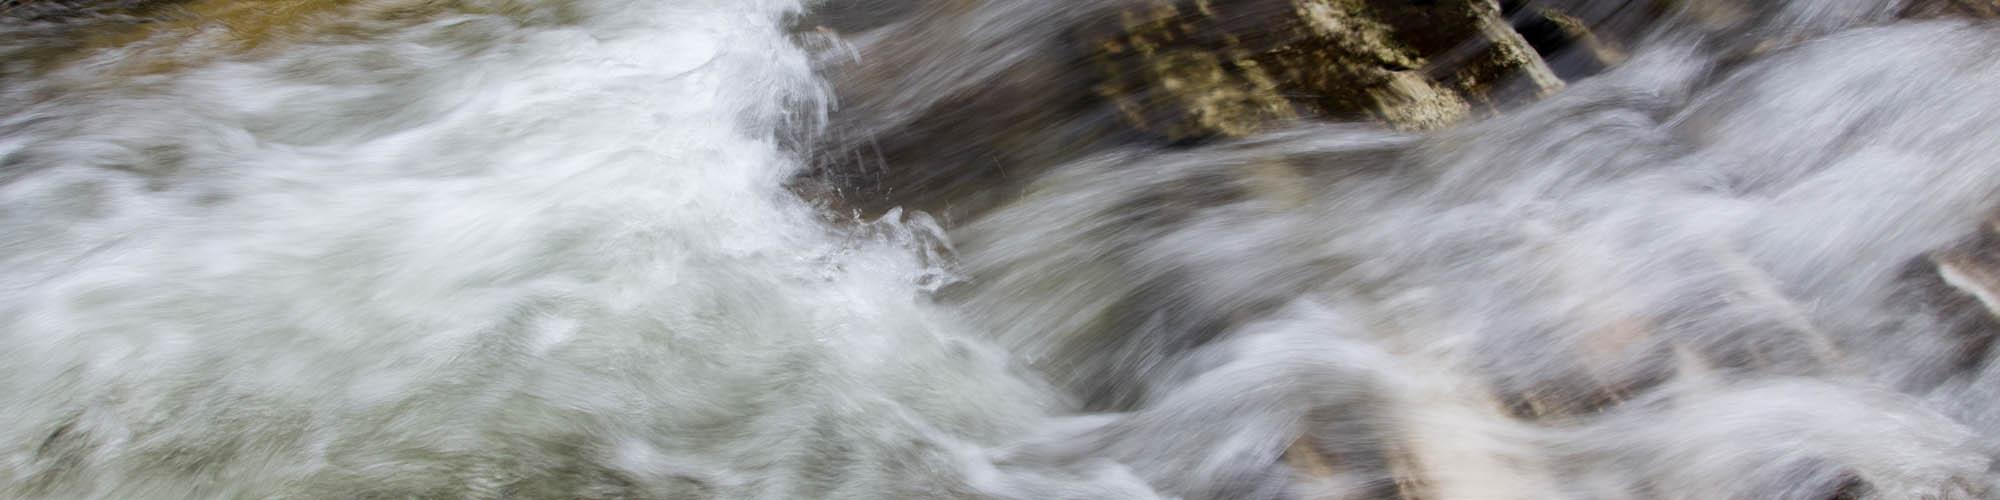 Åfjord Laksecamping - vann